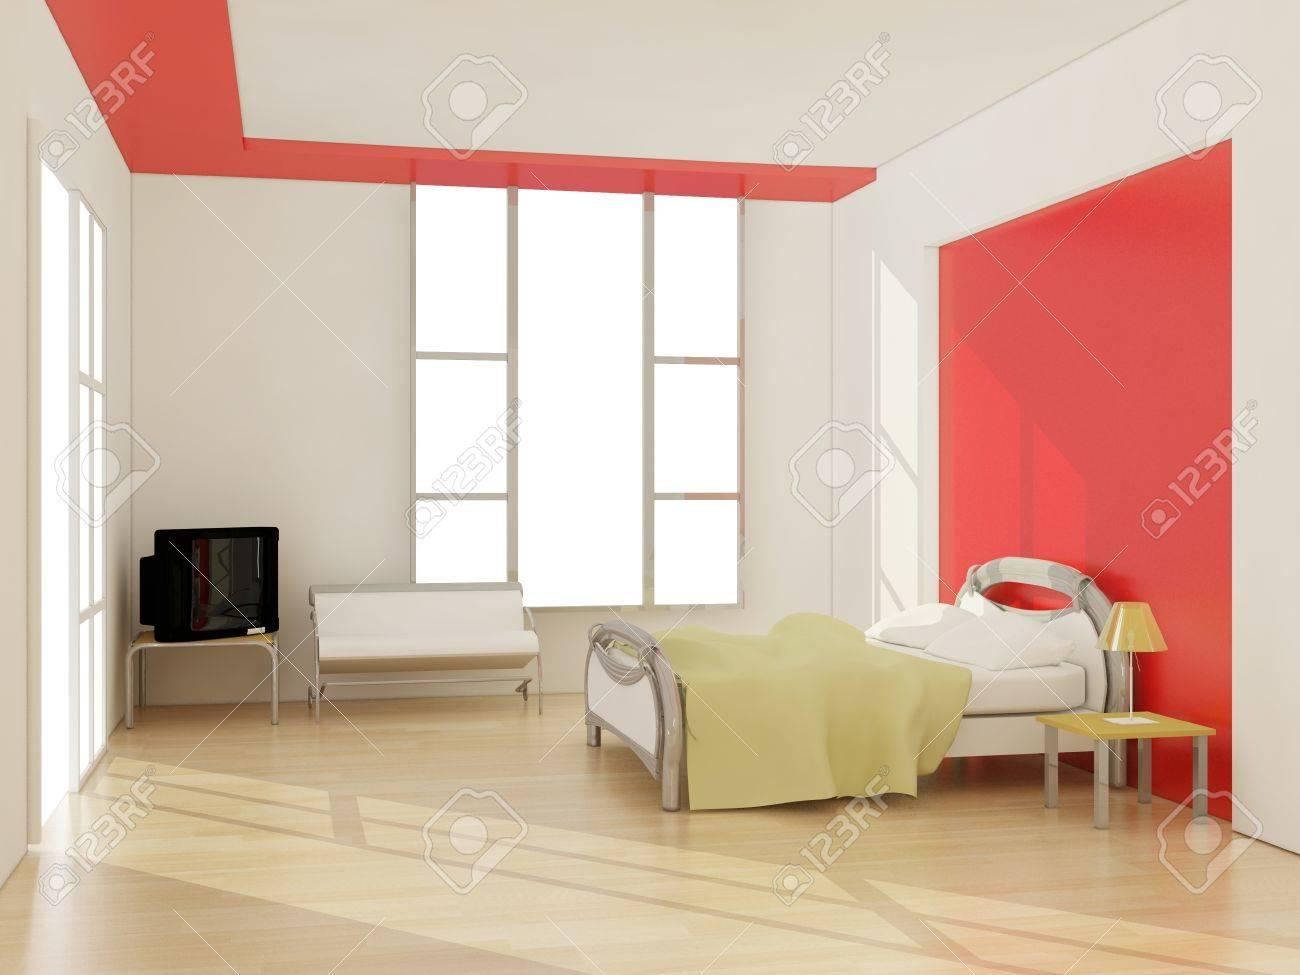 interior of modern bedroom. 3D illustration Stock Illustration - 11429853